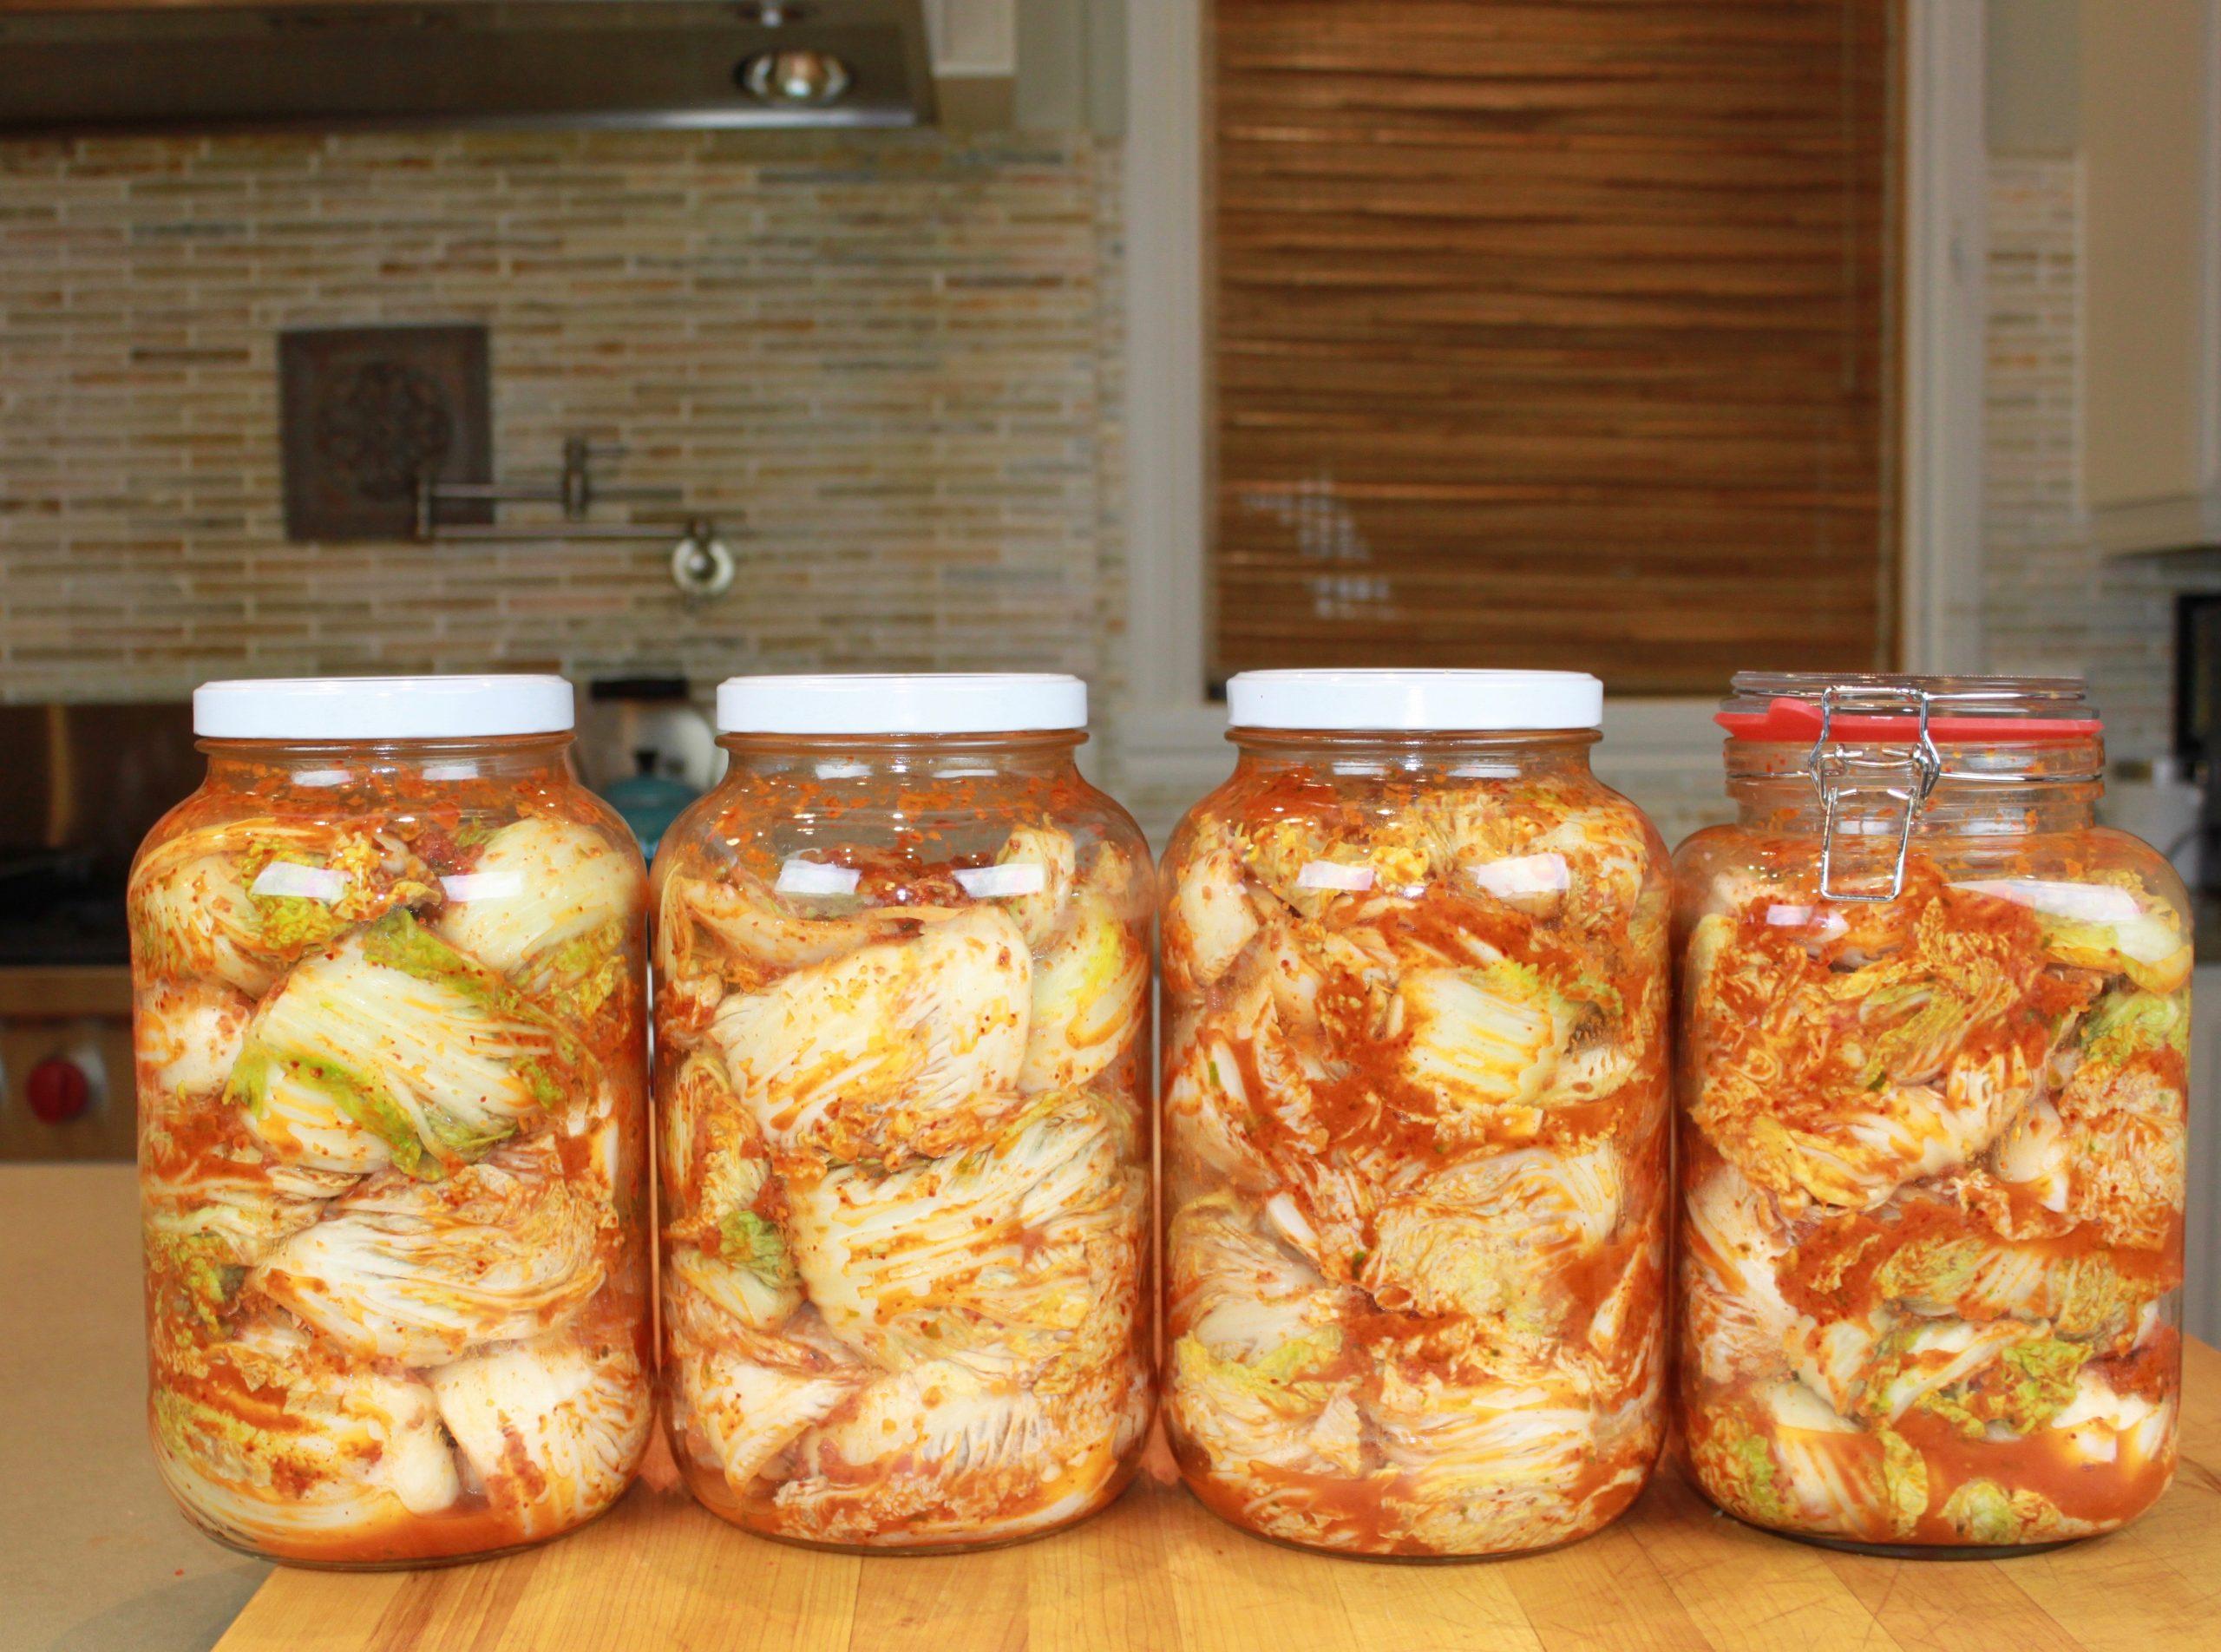 4 giant jars of kimchi